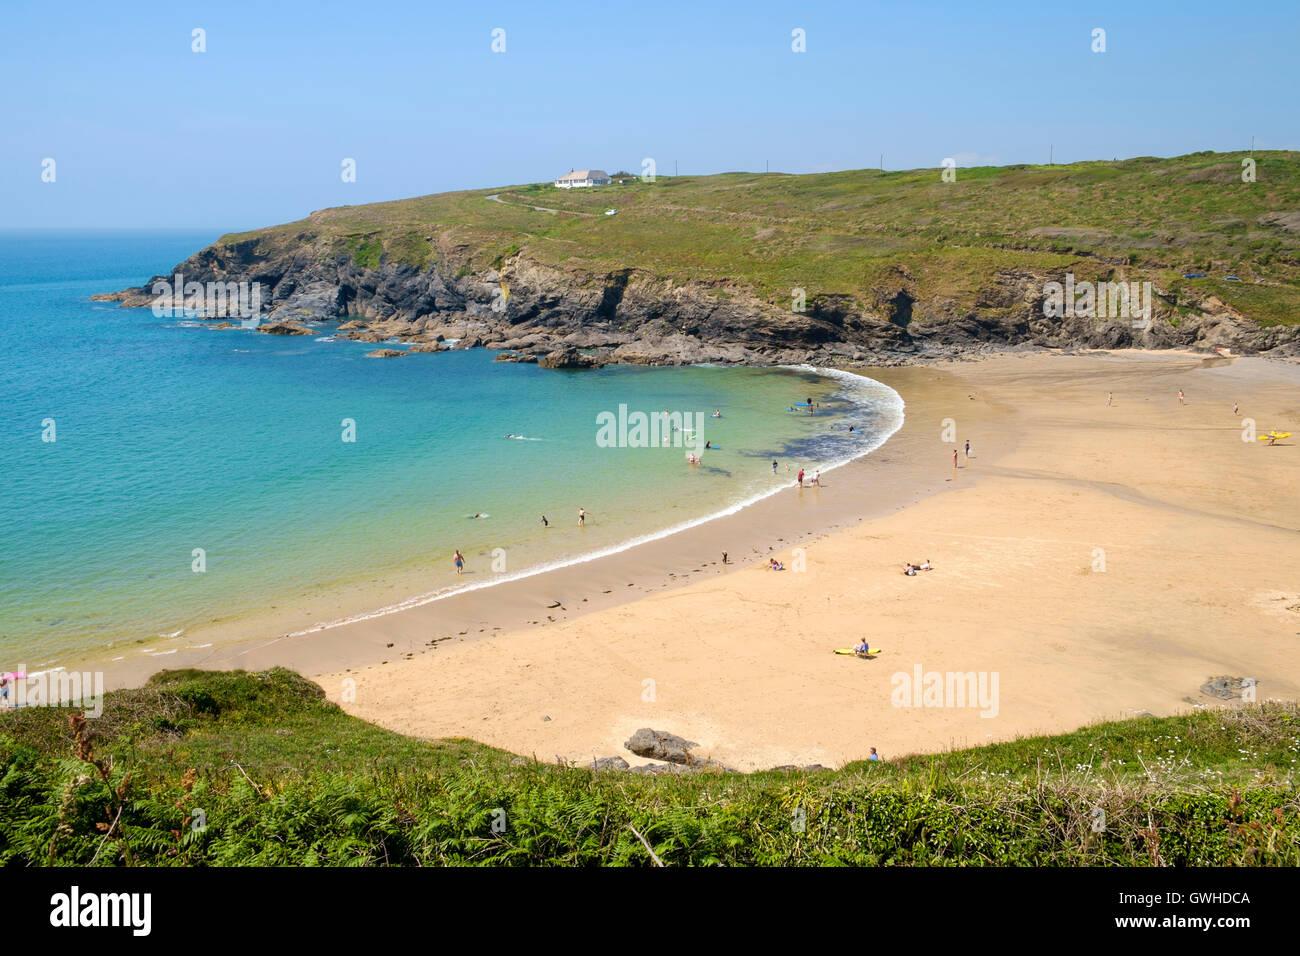 La plage à Poldhu Cove, meneau, Cornwall, sur la péninsule de Lizard, England, UK plages en été Banque D'Images